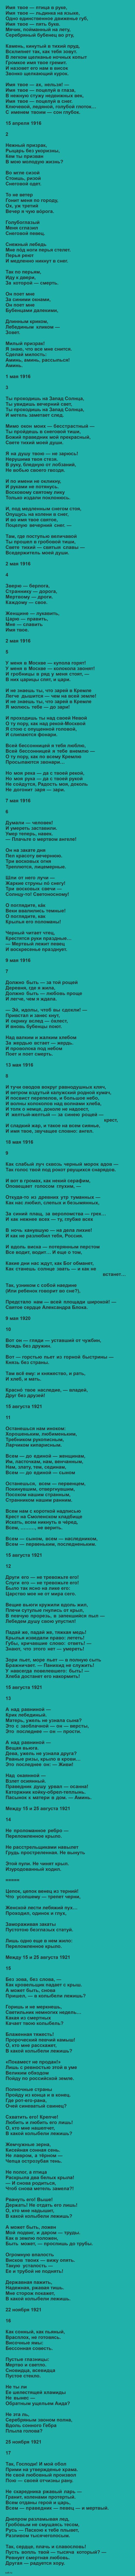 Цветаева стихи - К Блоку